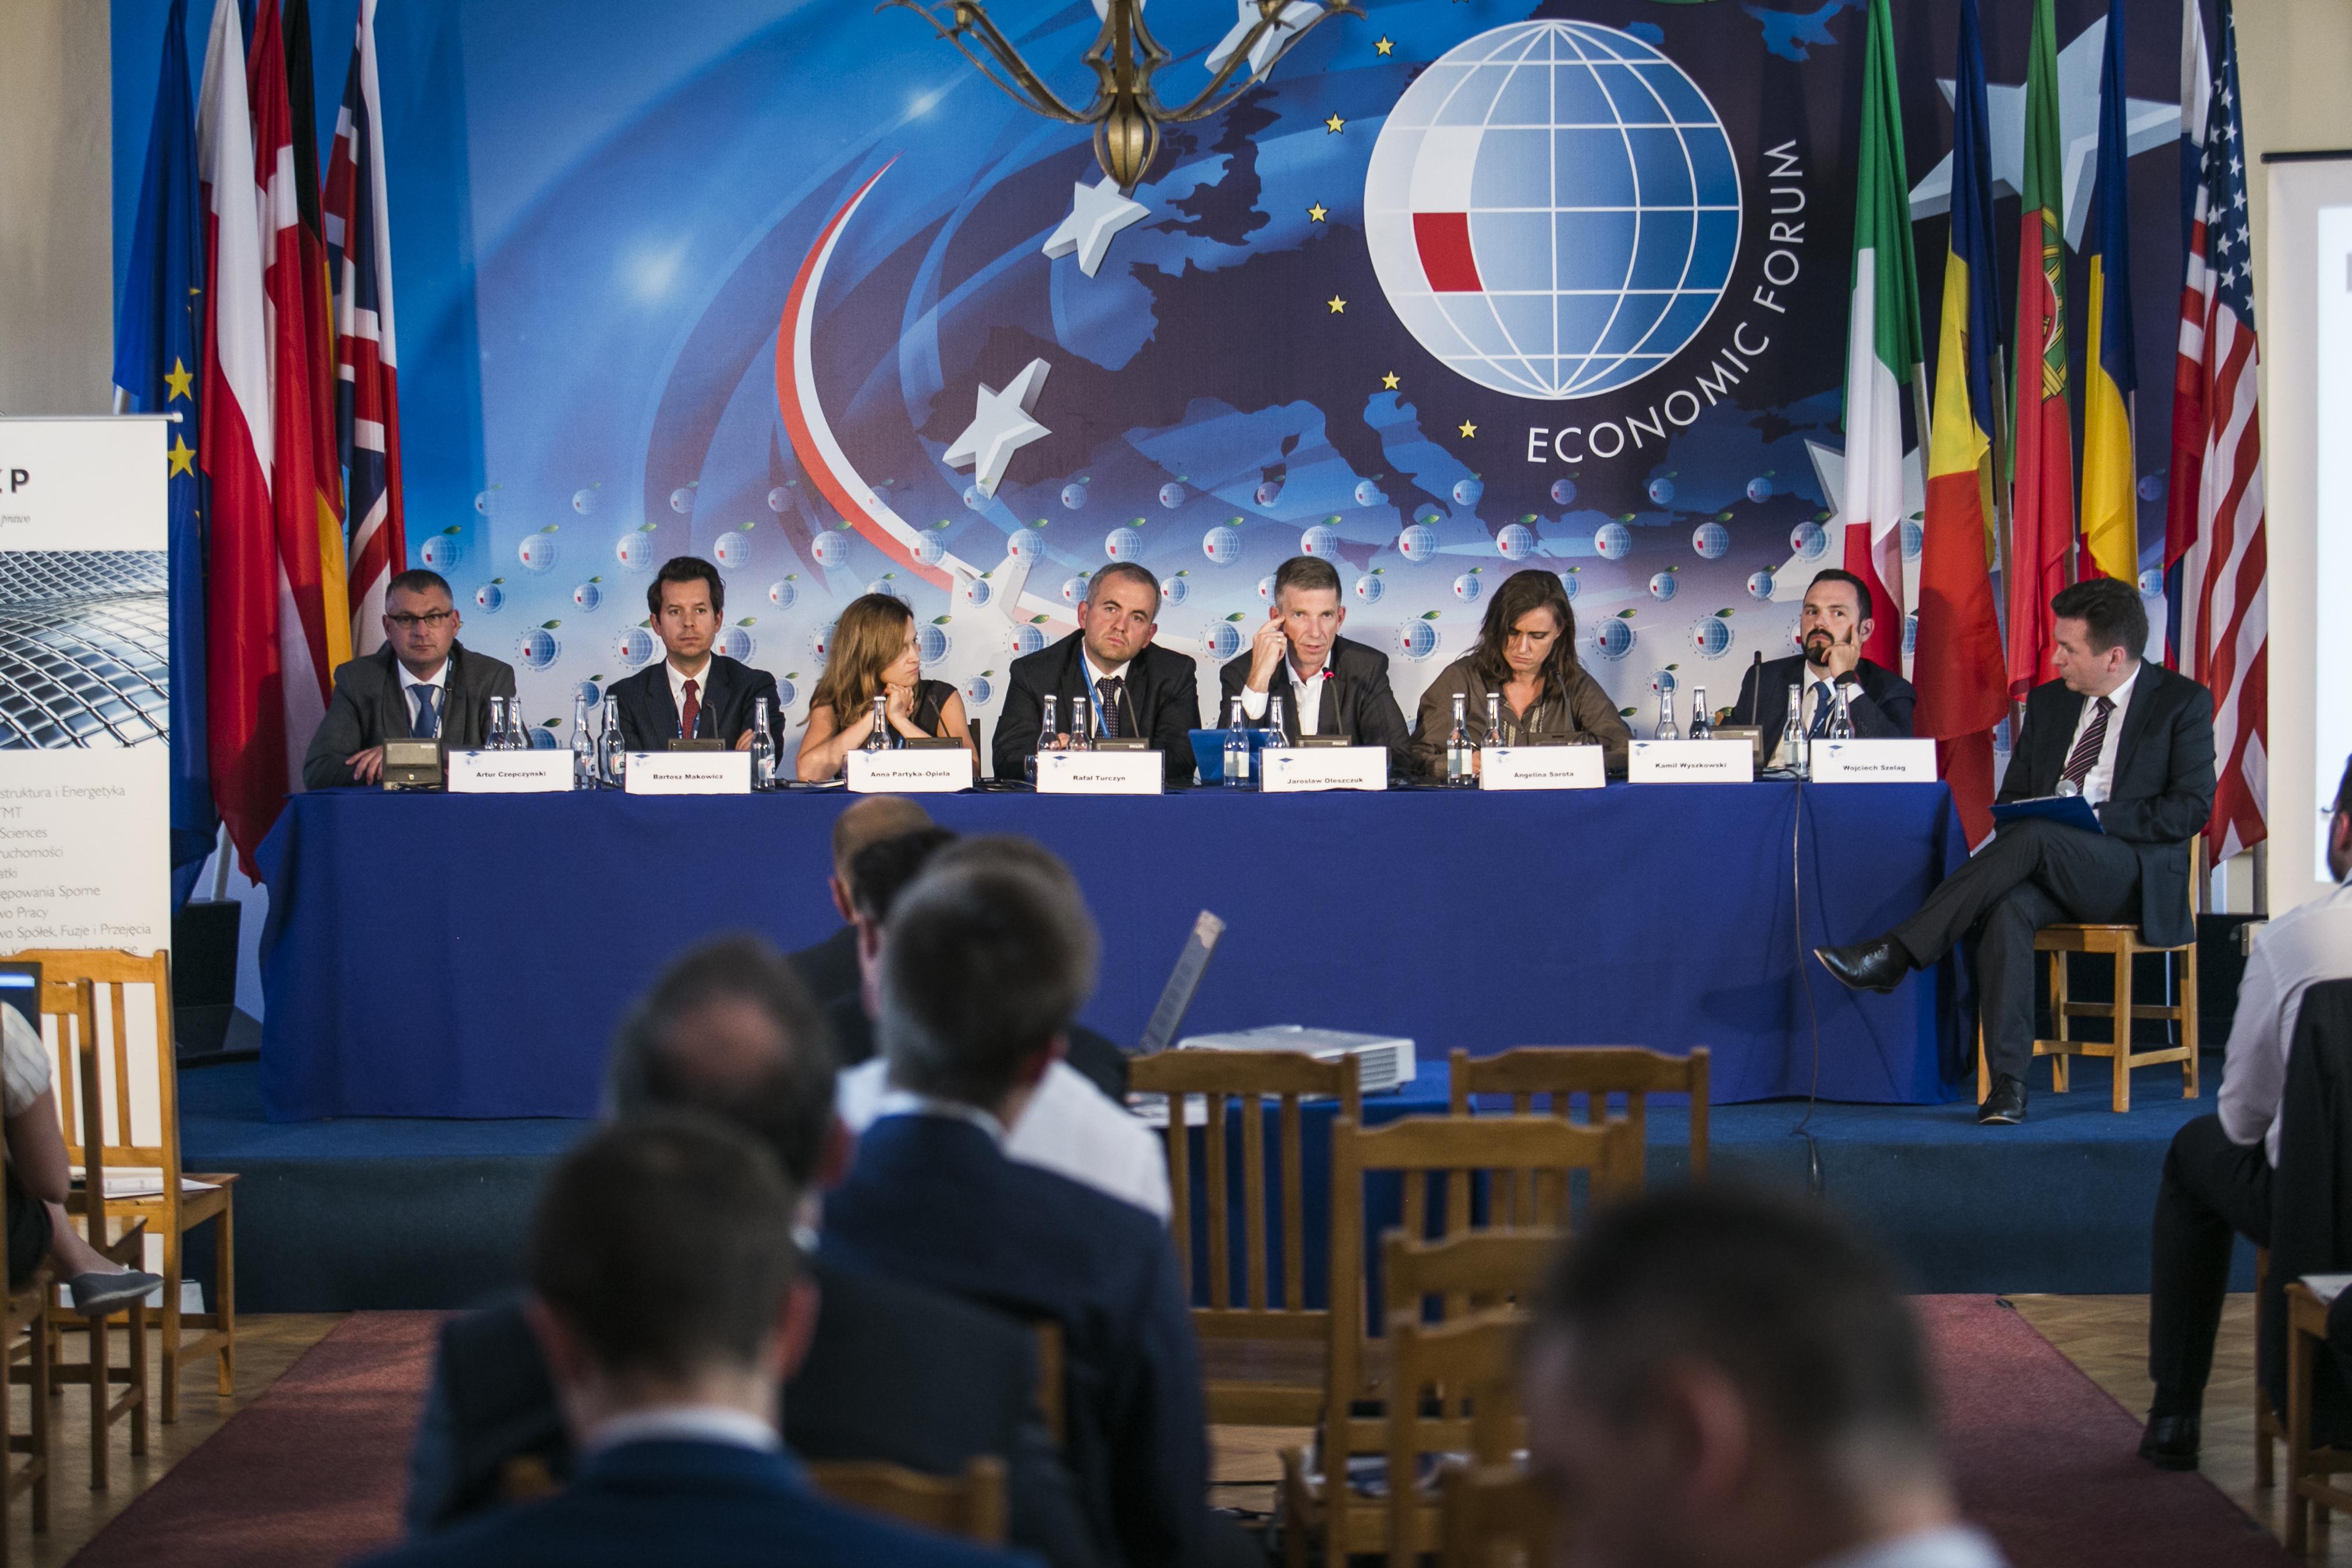 Forum Ekonomiczne 2016 - Jak bezpiecznie prowadzić biznes w Polsce